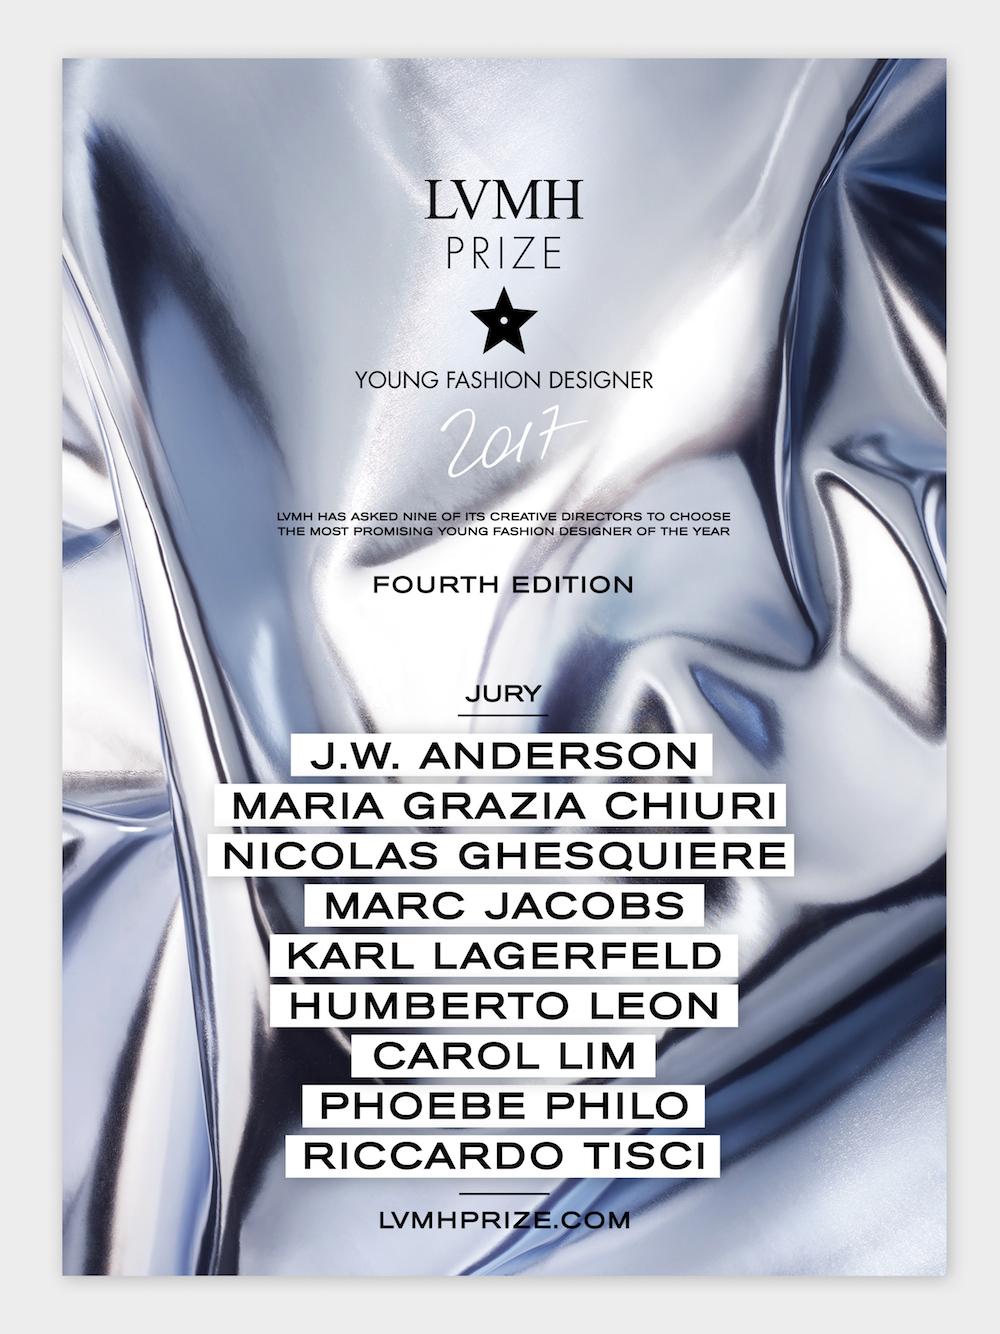 Prix LVMH 2017_modzik.jpg